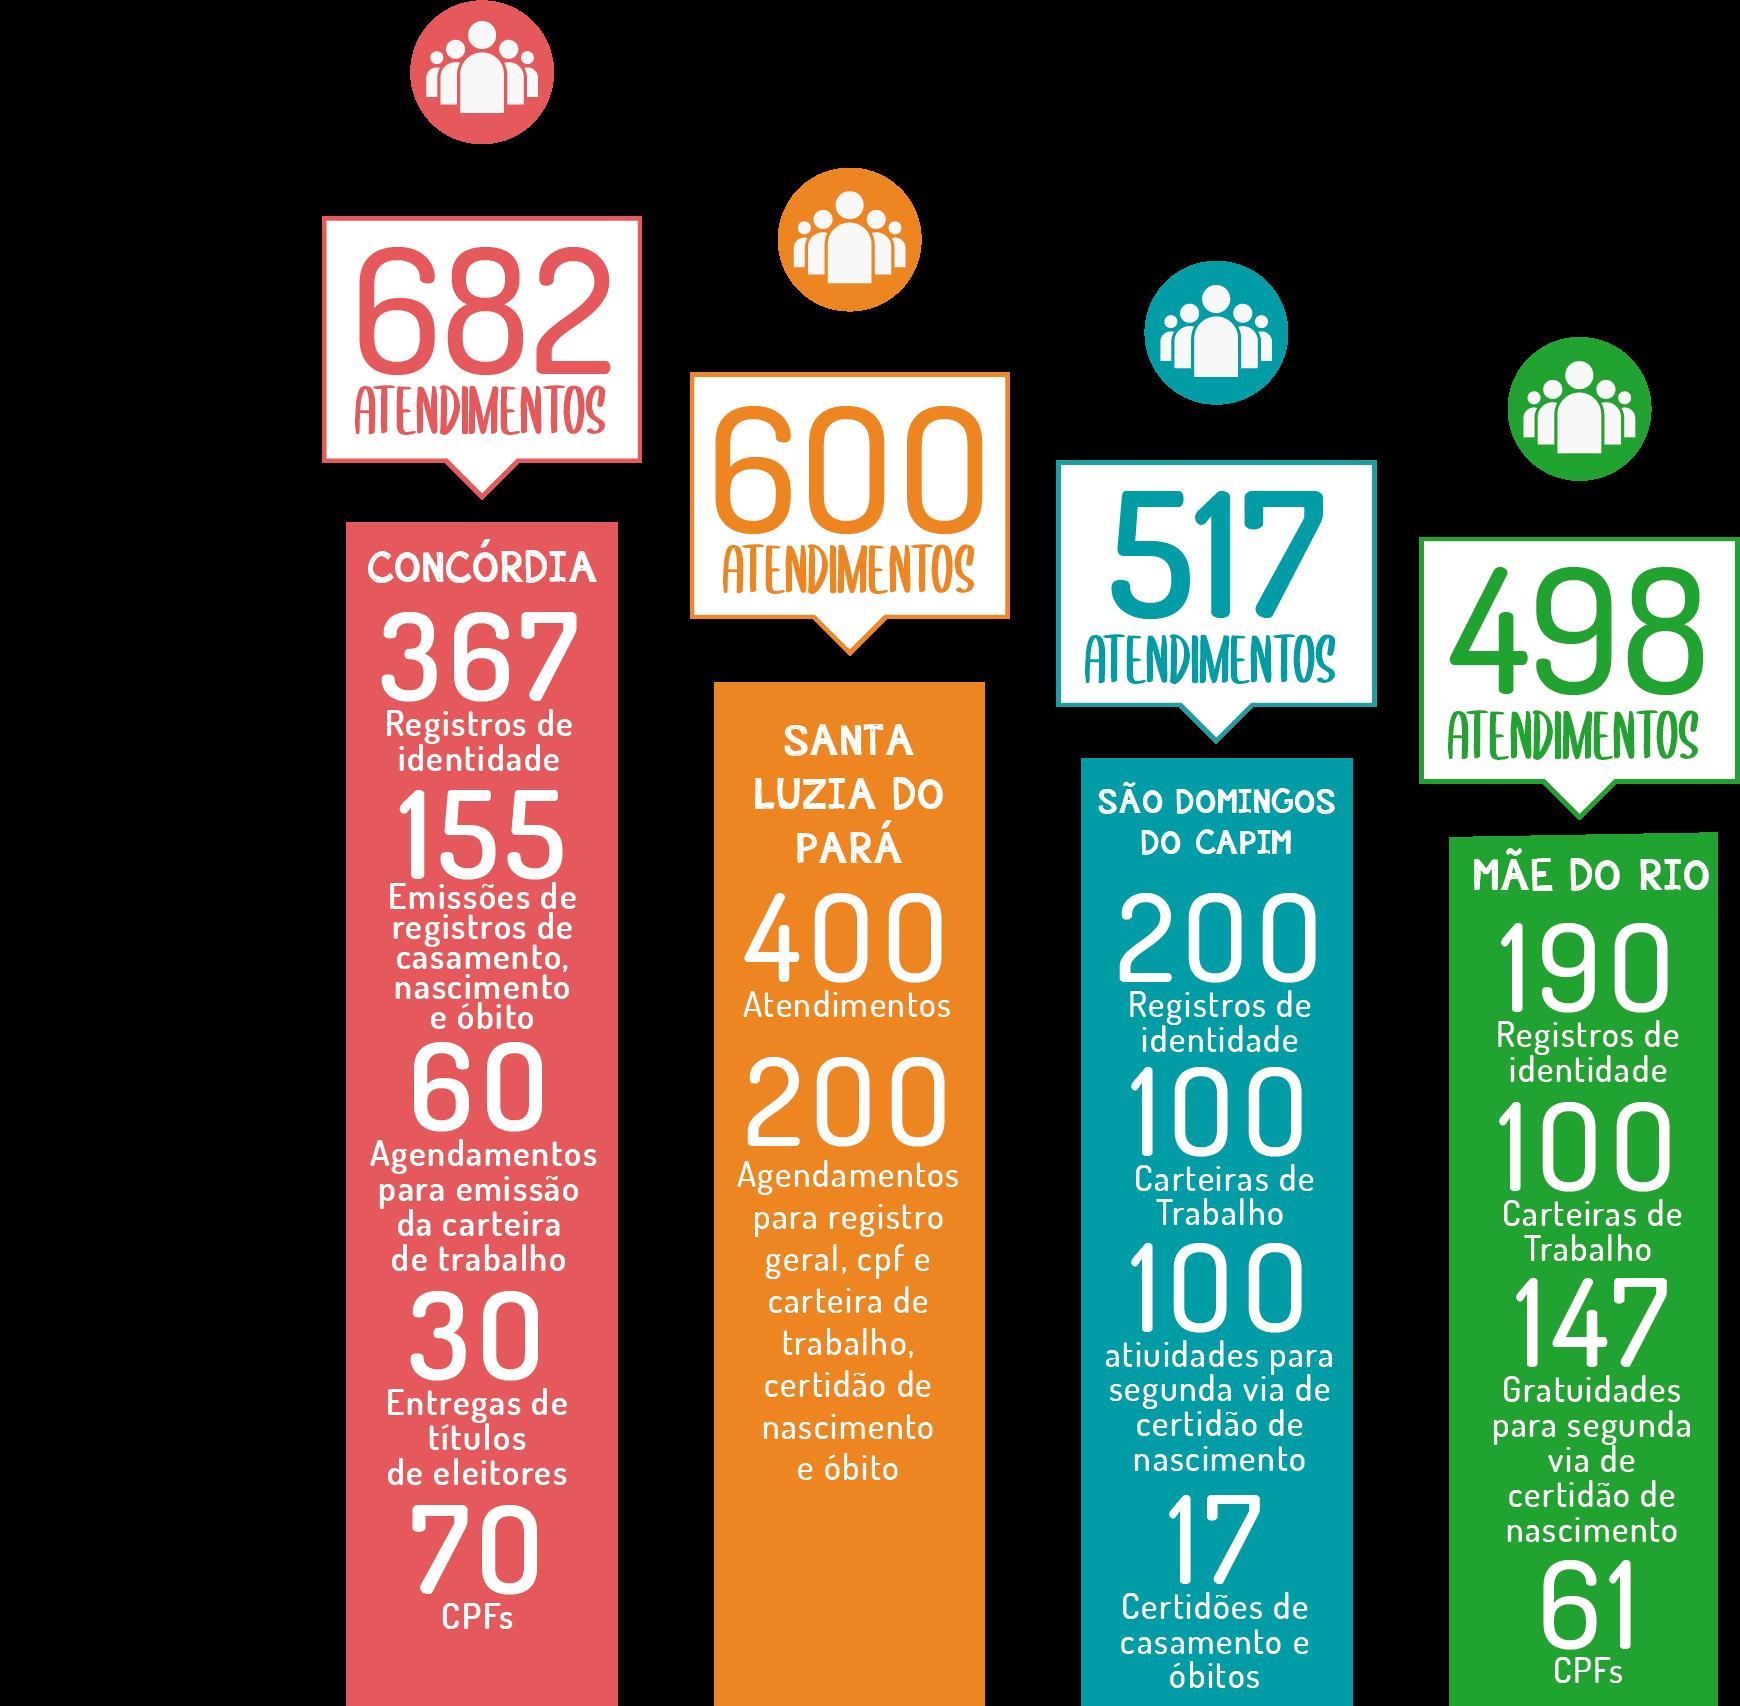 Infográfico - caravana de direitos humanos 2019